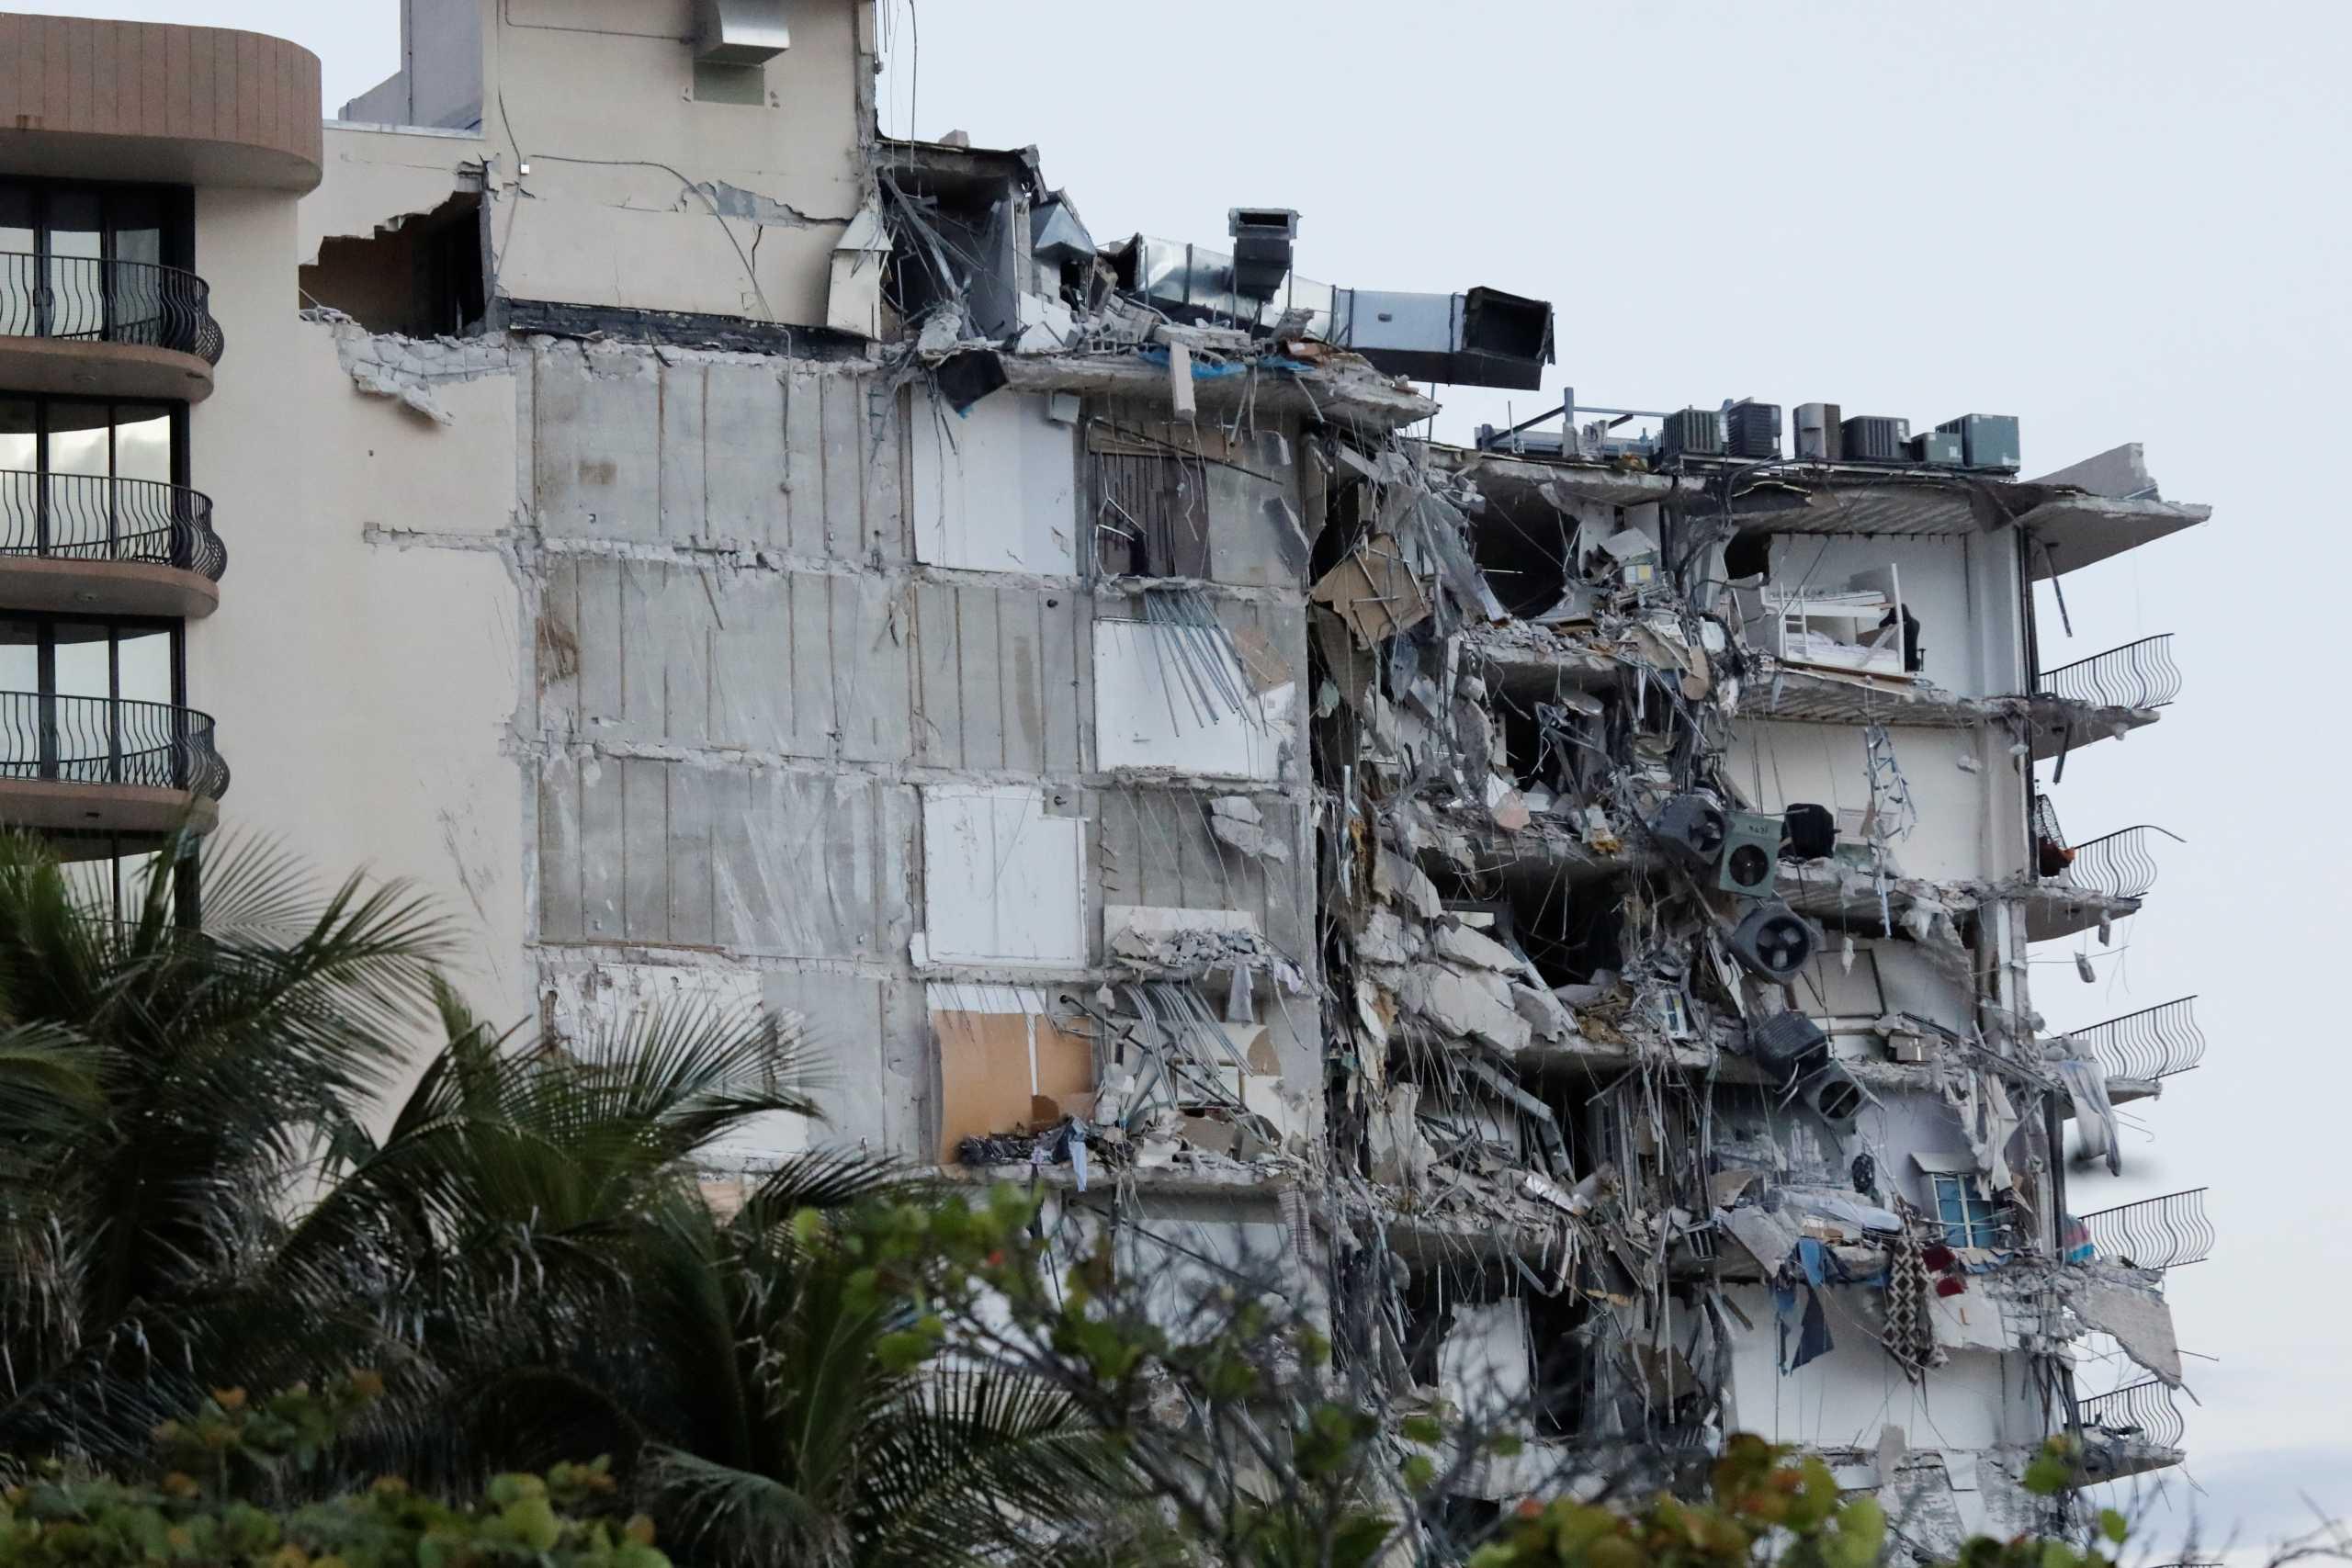 Μαϊάμι: Εικόνες – σοκ από την κατάρρευση πολυόροφου κτιρίου – Τουλάχιστον 1 νεκρός και 10 τραυματίες (pics, vids)